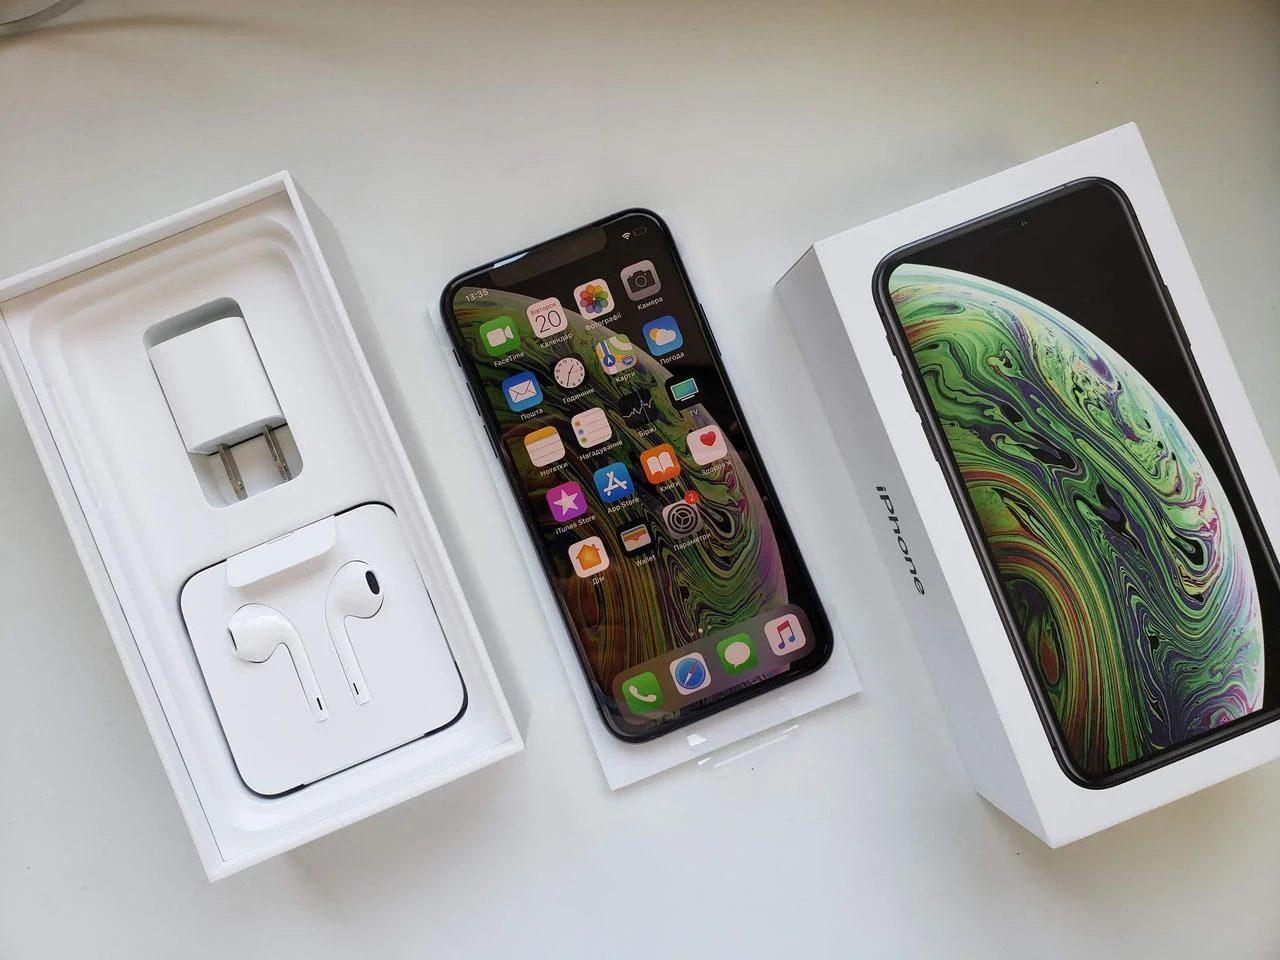 Влагозащита IP68 в iPhone XS не более чем маркетинговый ход